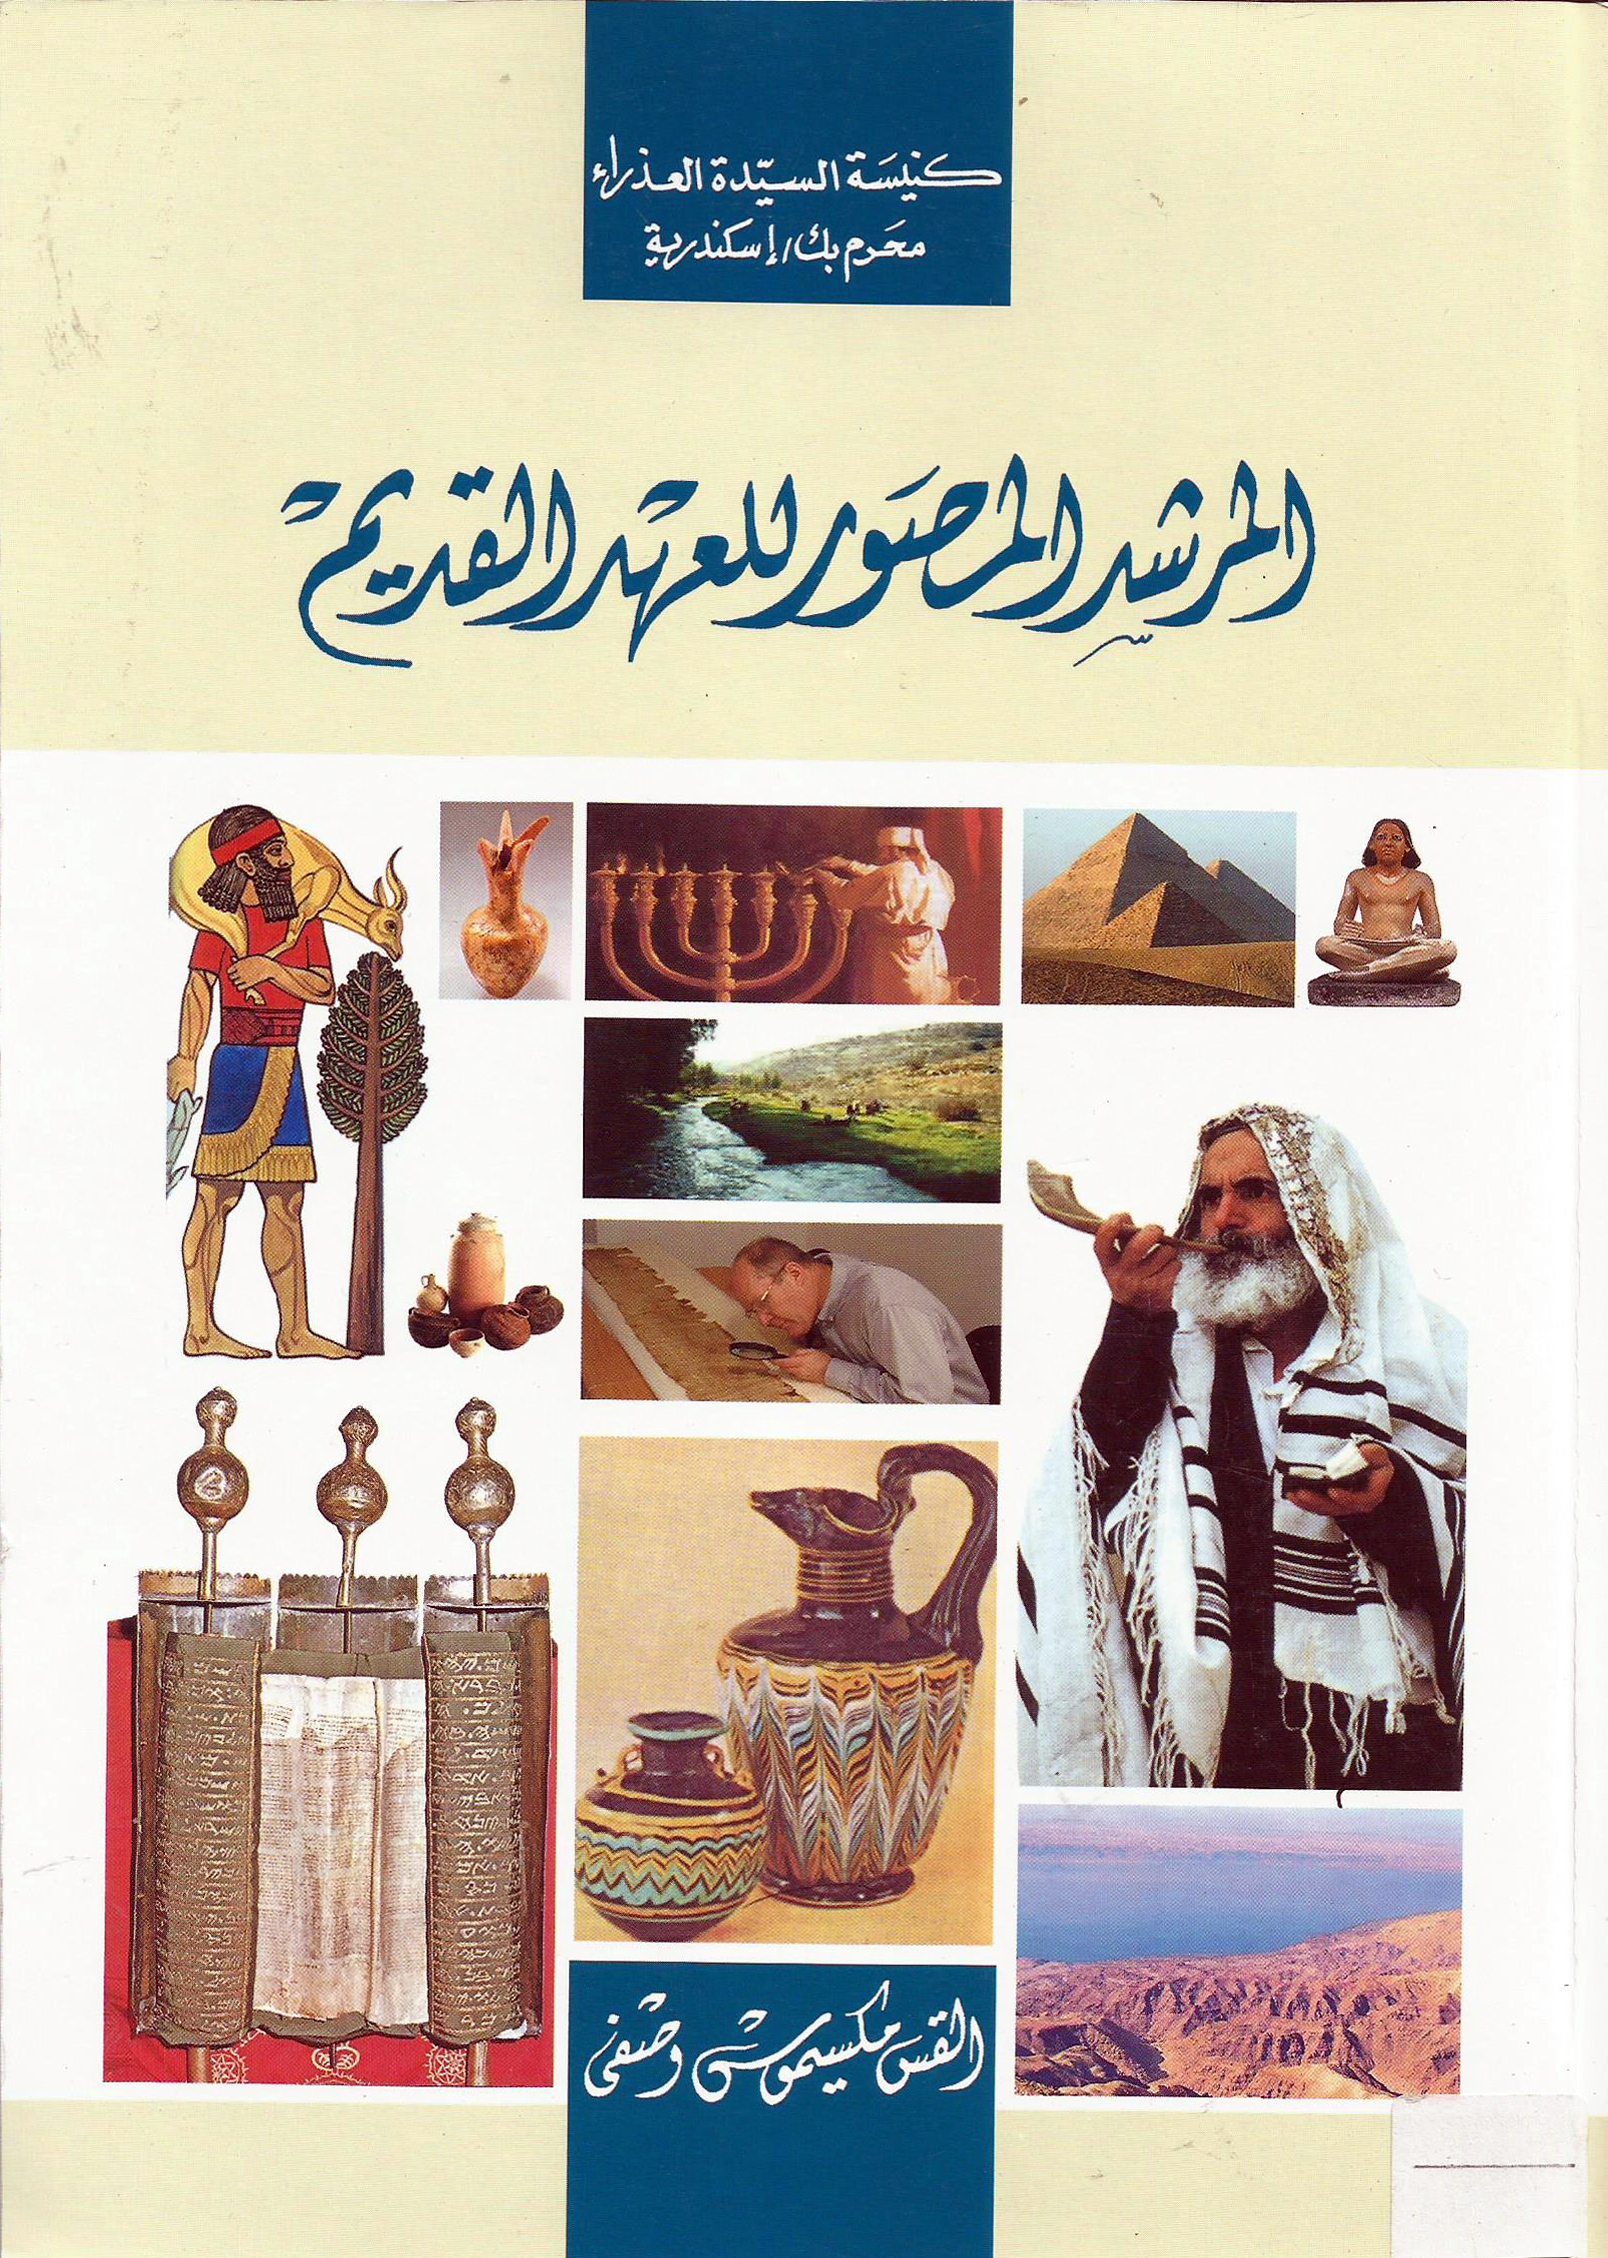 المرشد المصور للعهد القديم